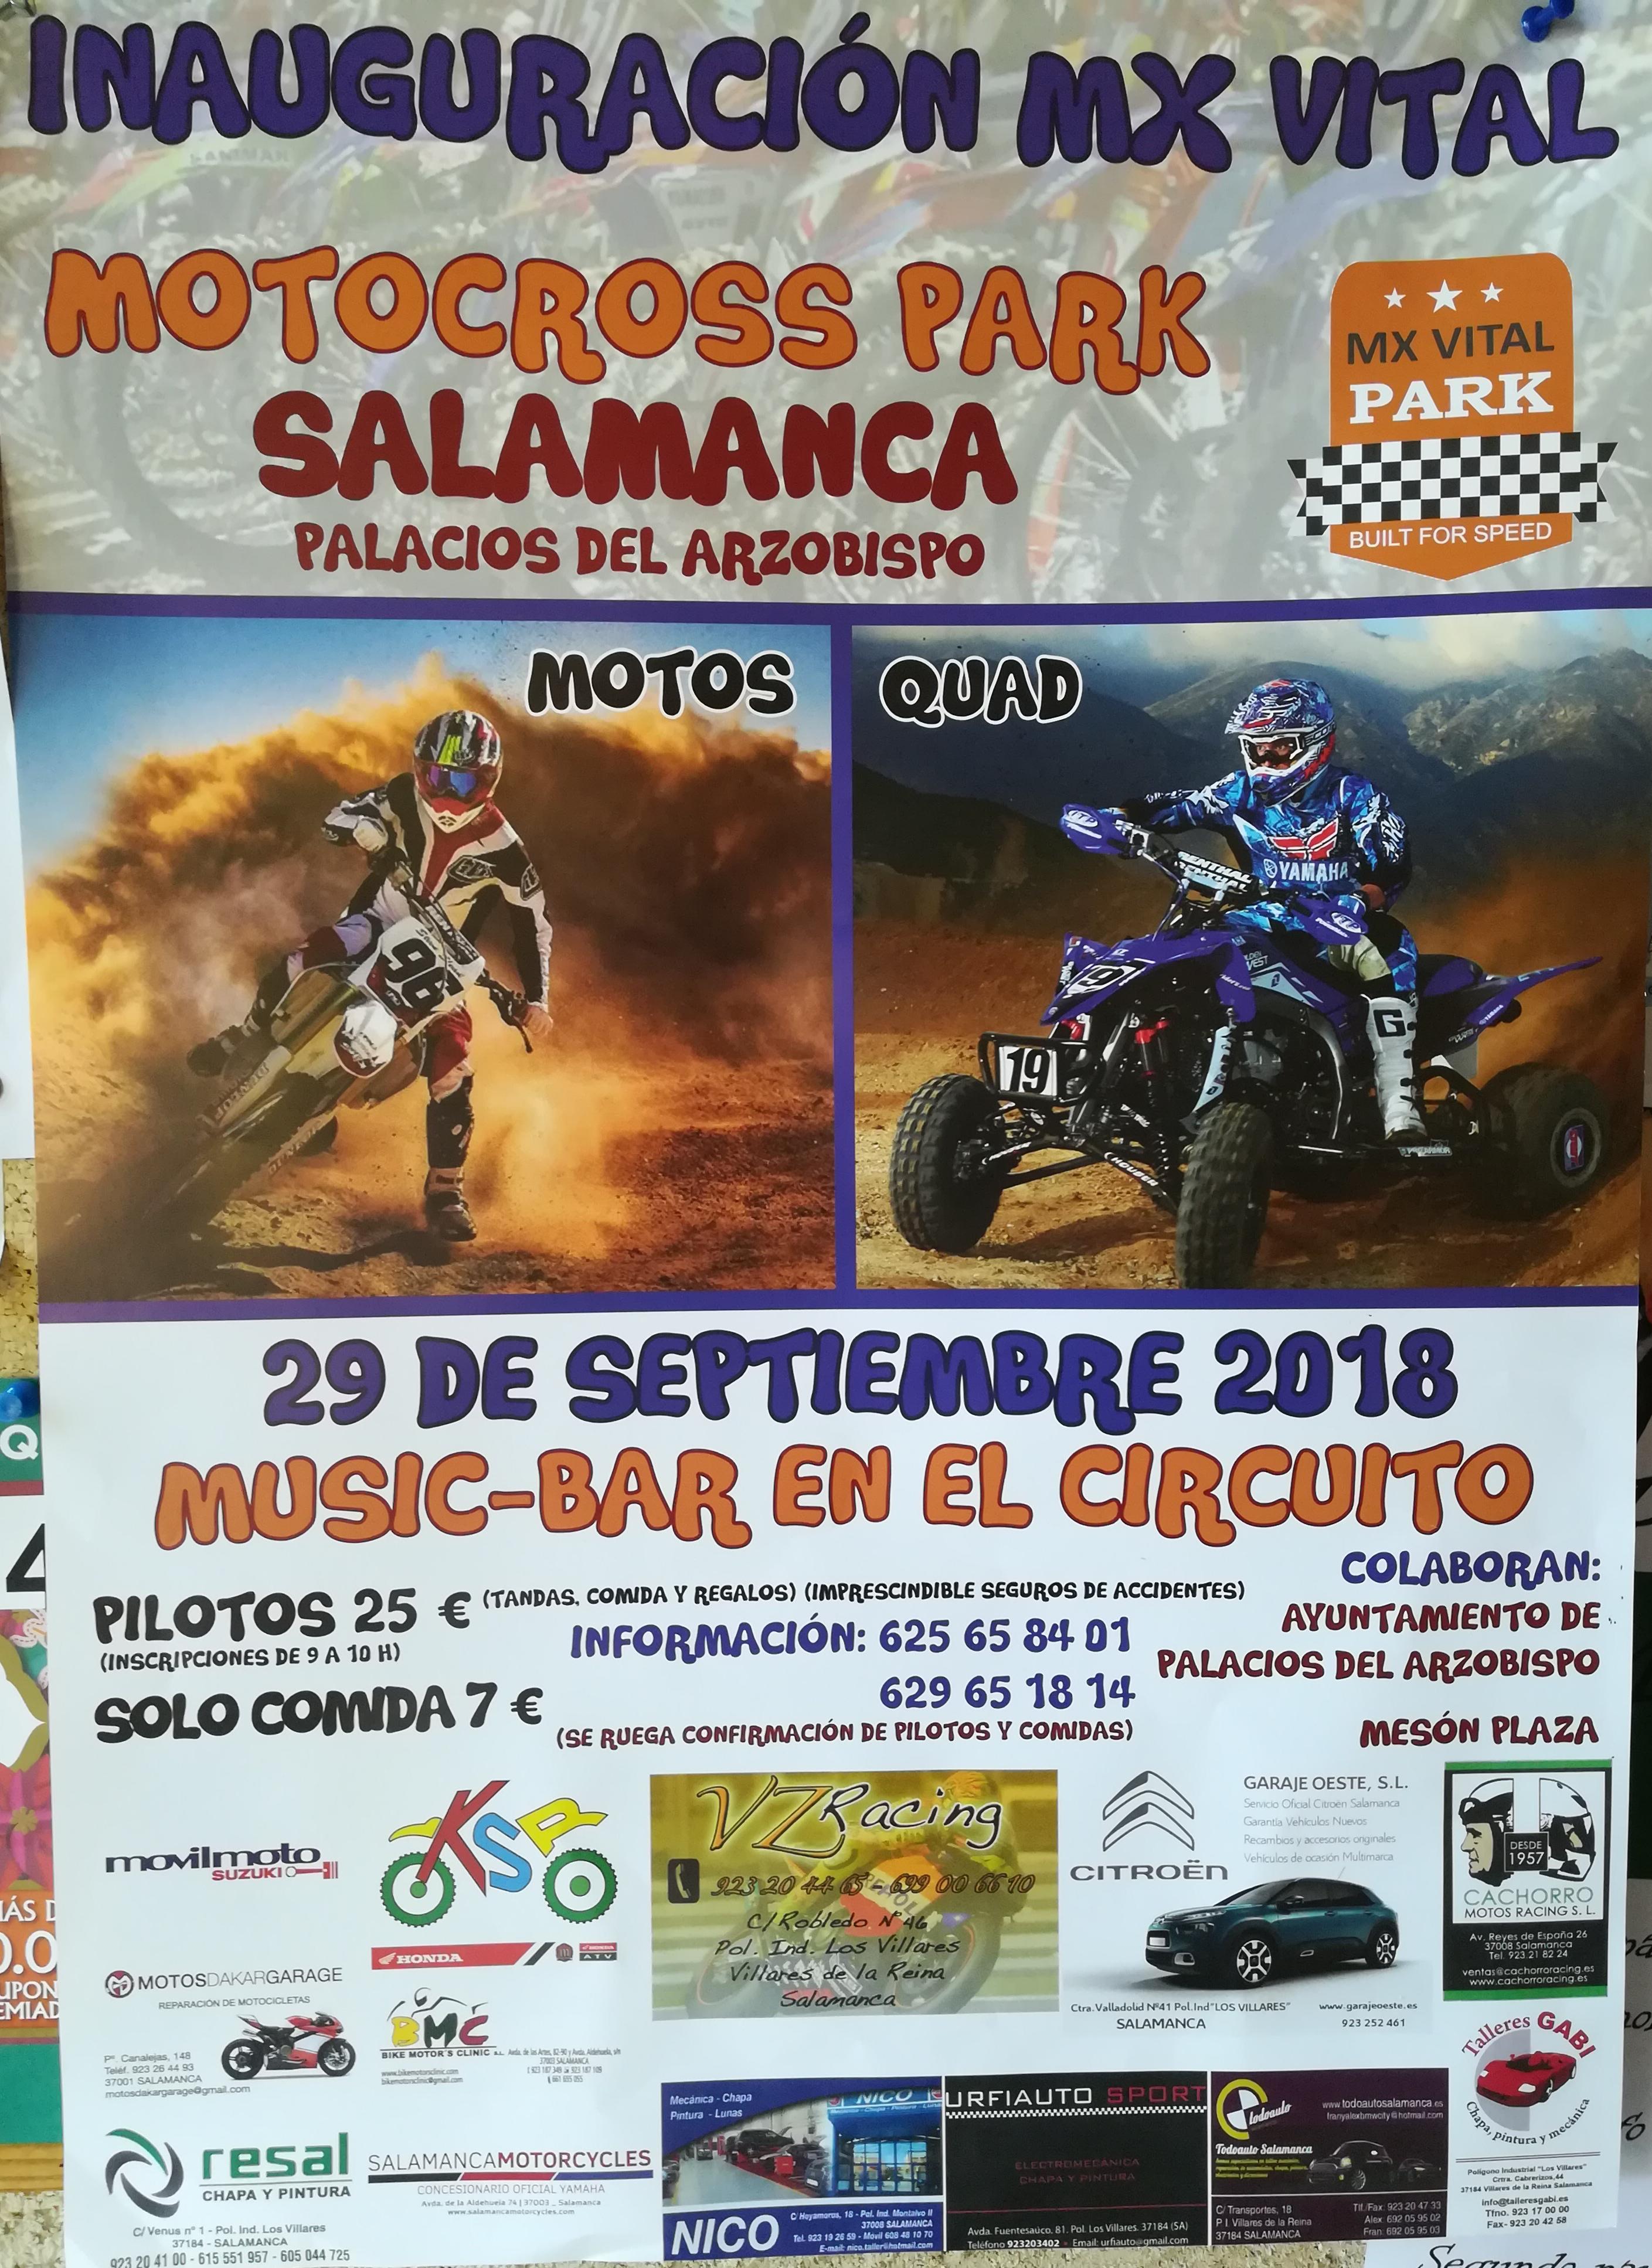 Inaguración MX VITAL en el Circuito de Motocross